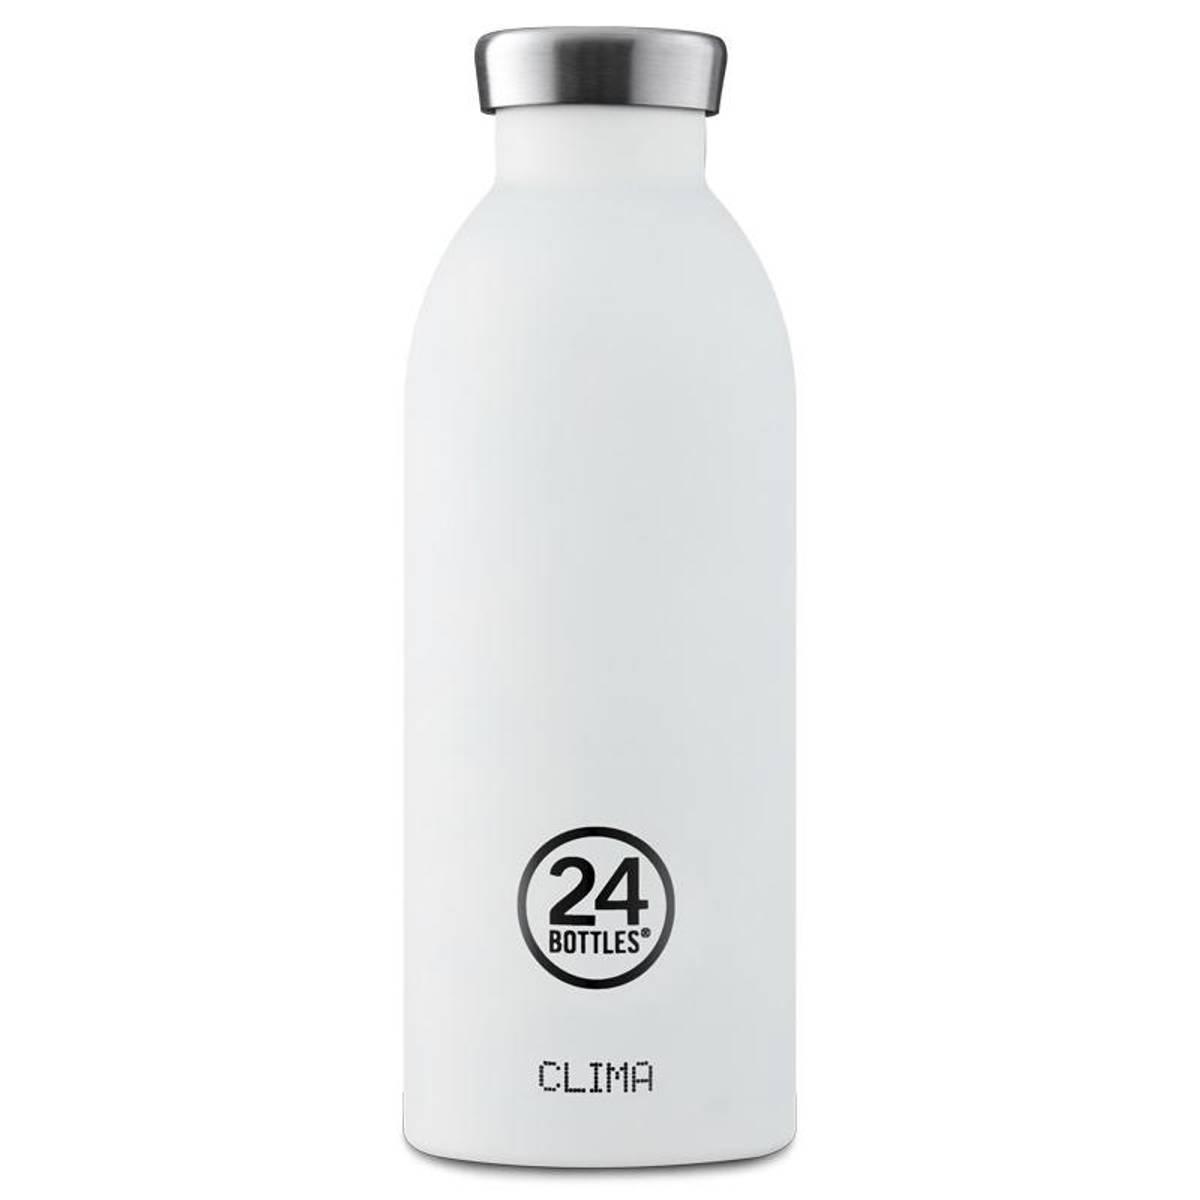 24Bottles Clima 500 ml Artic White